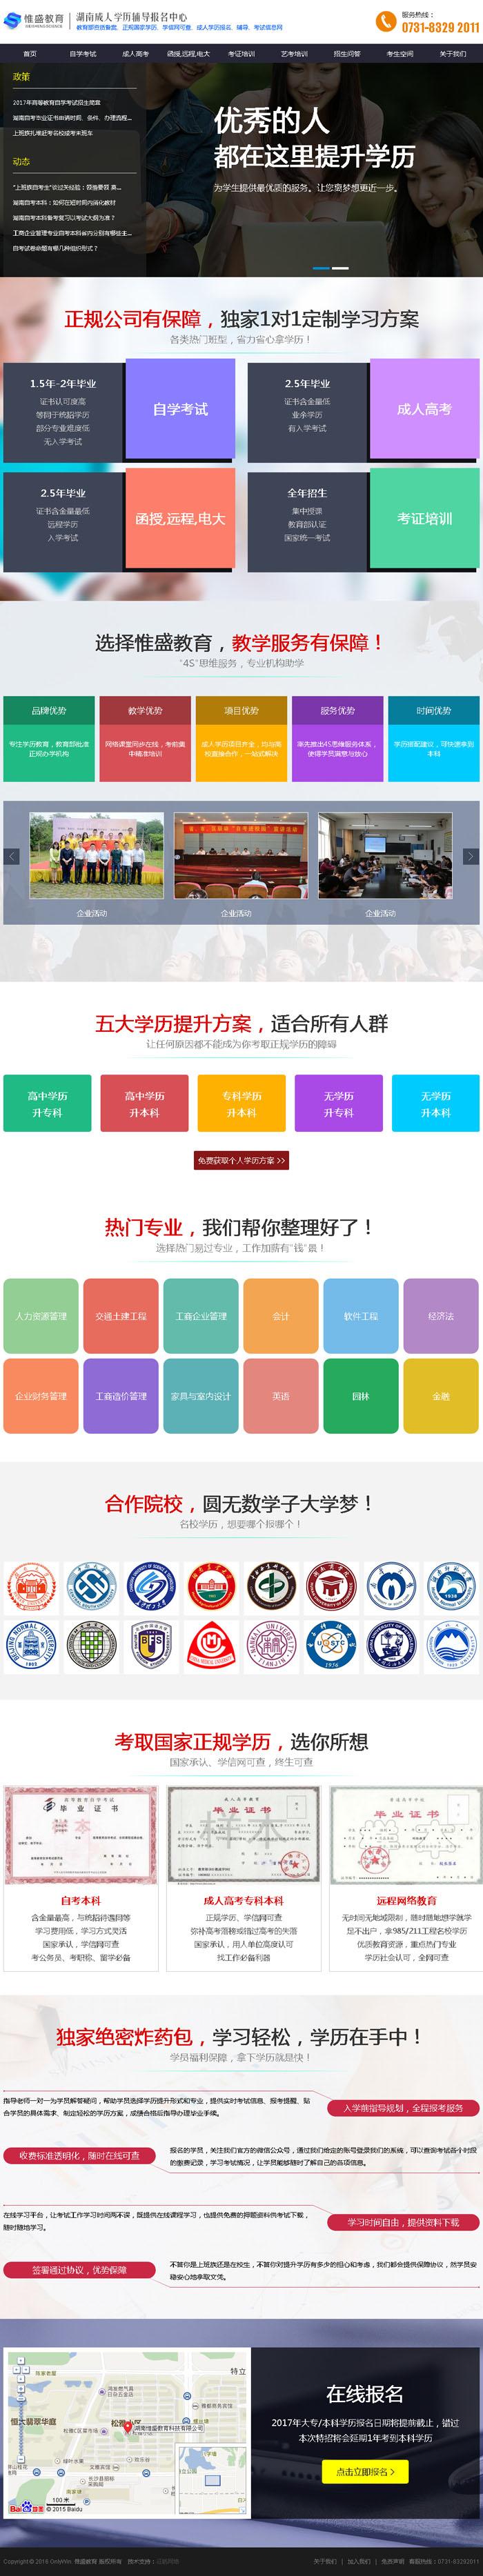 湖南惟盛教育科技有限公司网站效果图